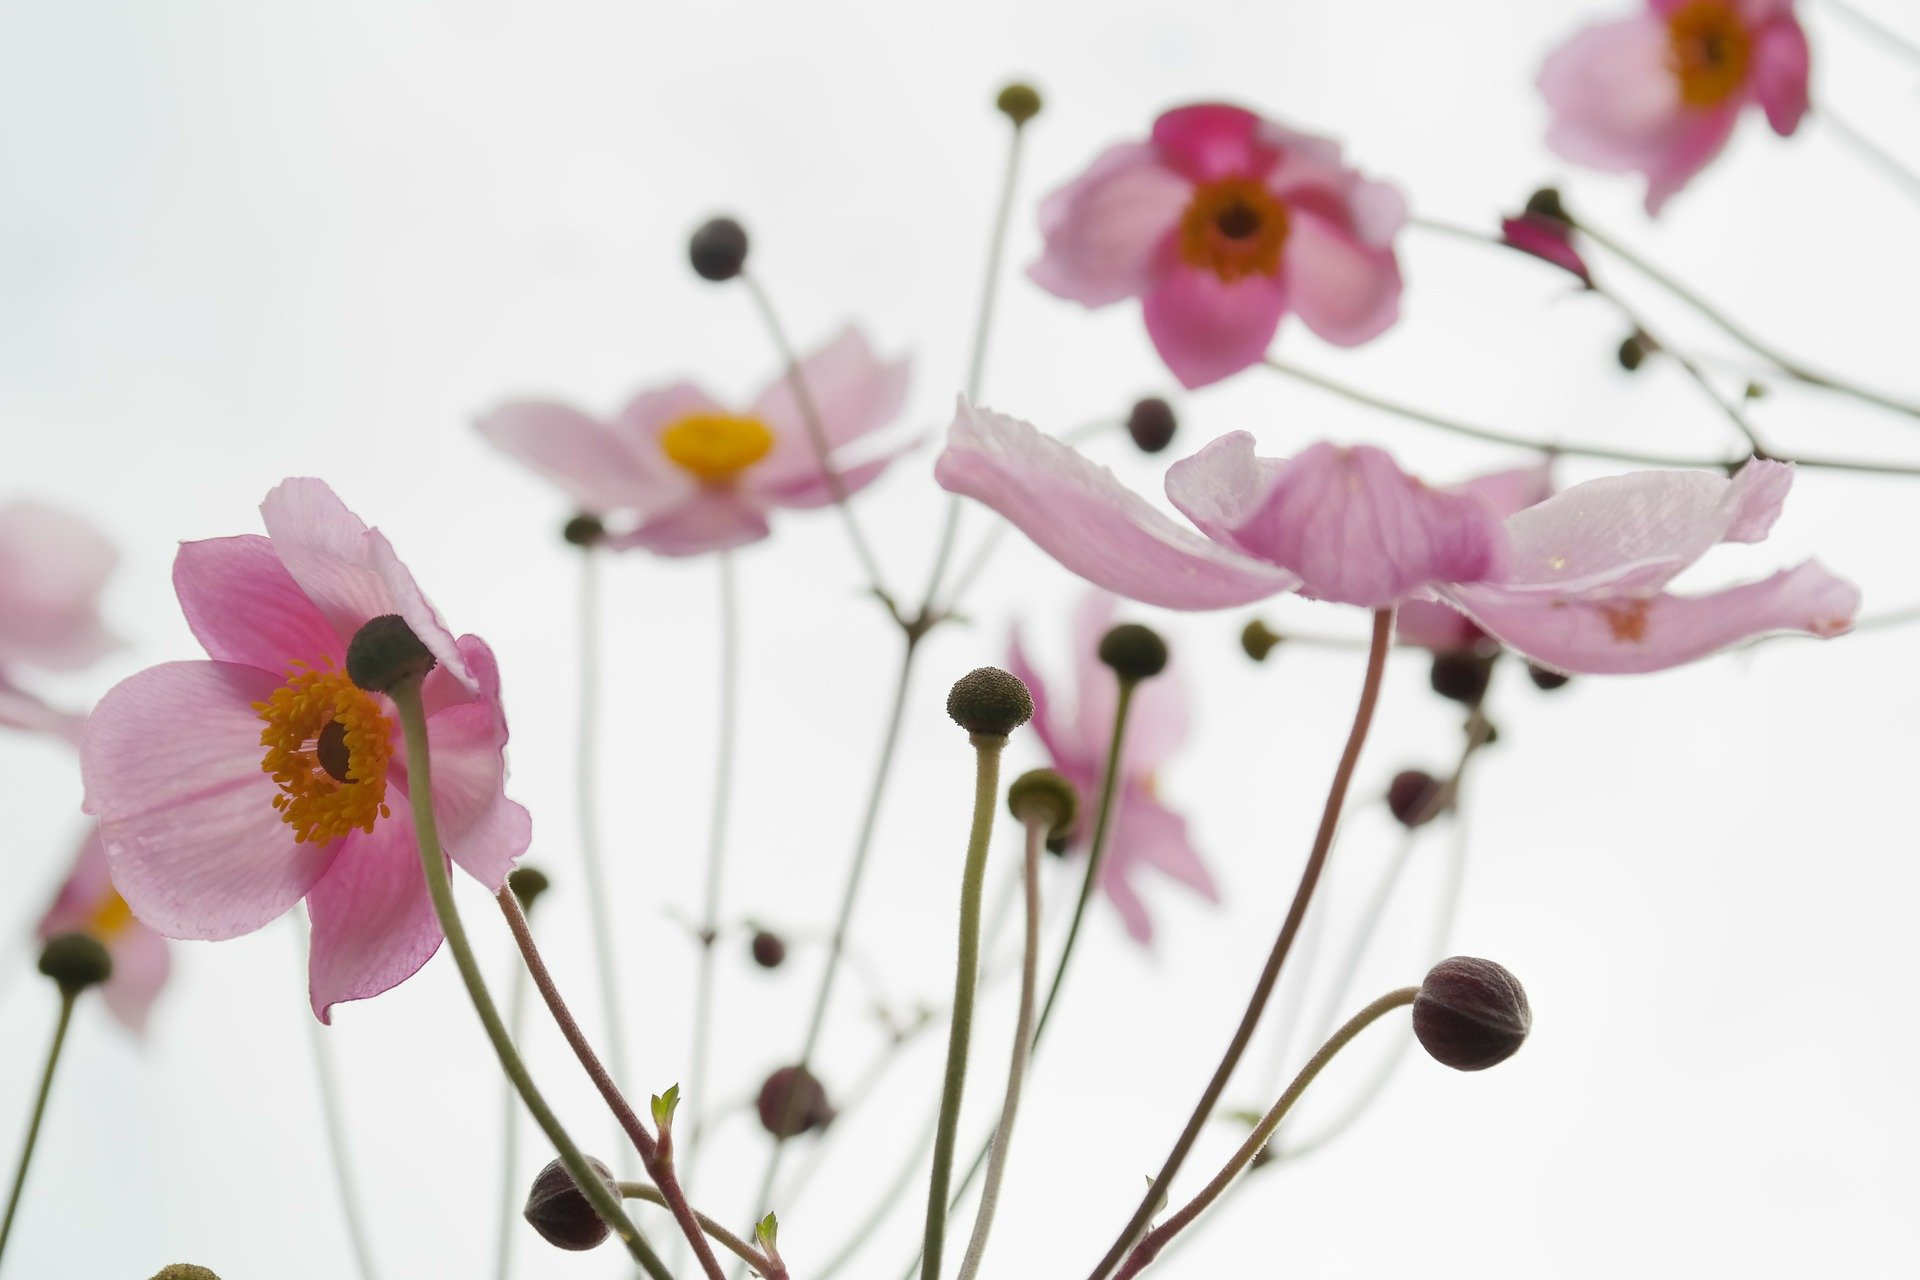 blossom-215565_1920 (1)